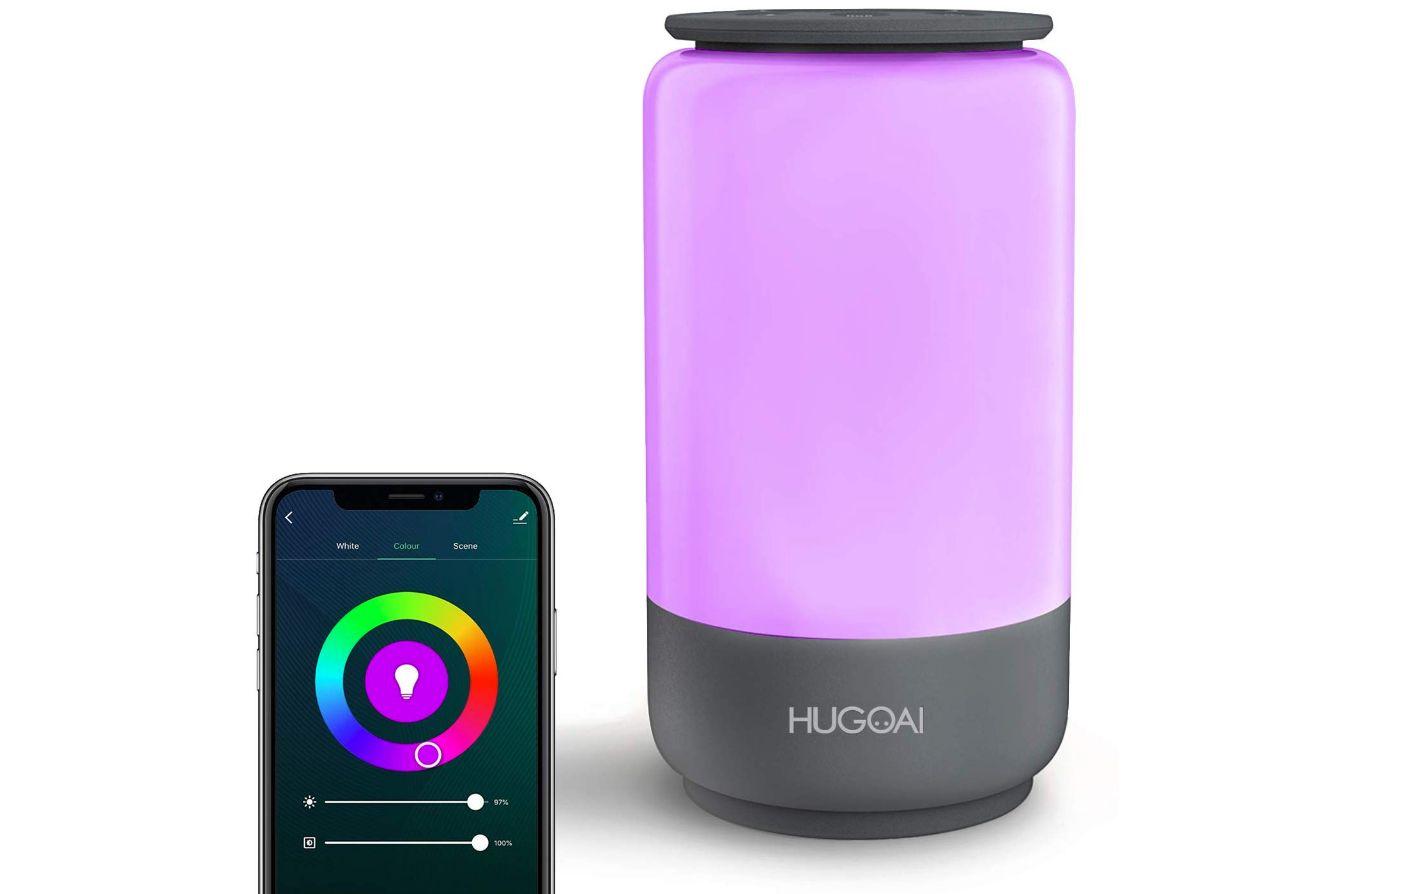 hugoal smart lamp